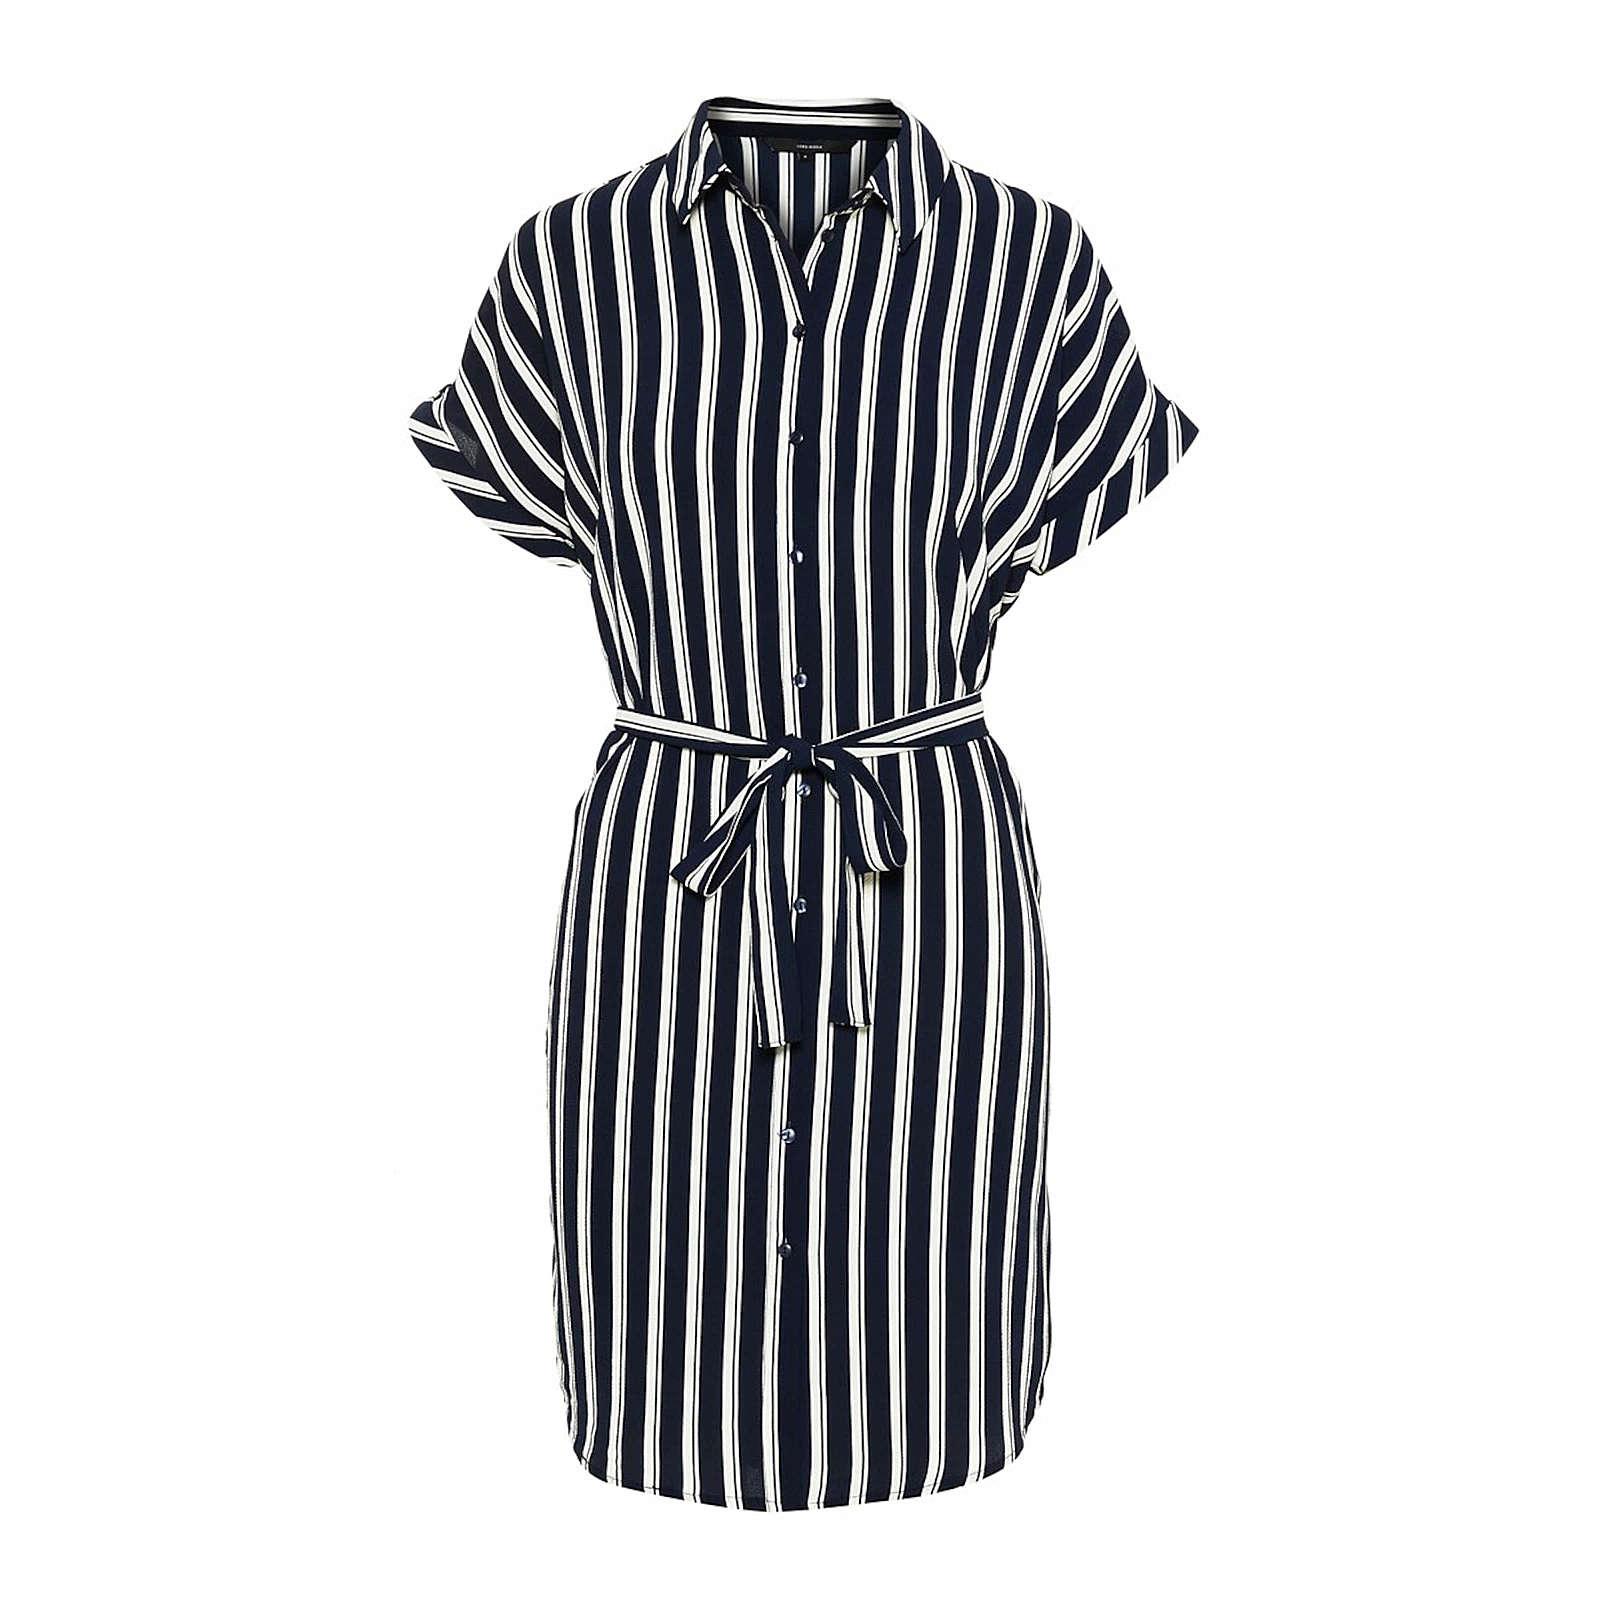 VERO MODA Blusenkleid Sasha Blusenkleider weiß Damen Gr. 36